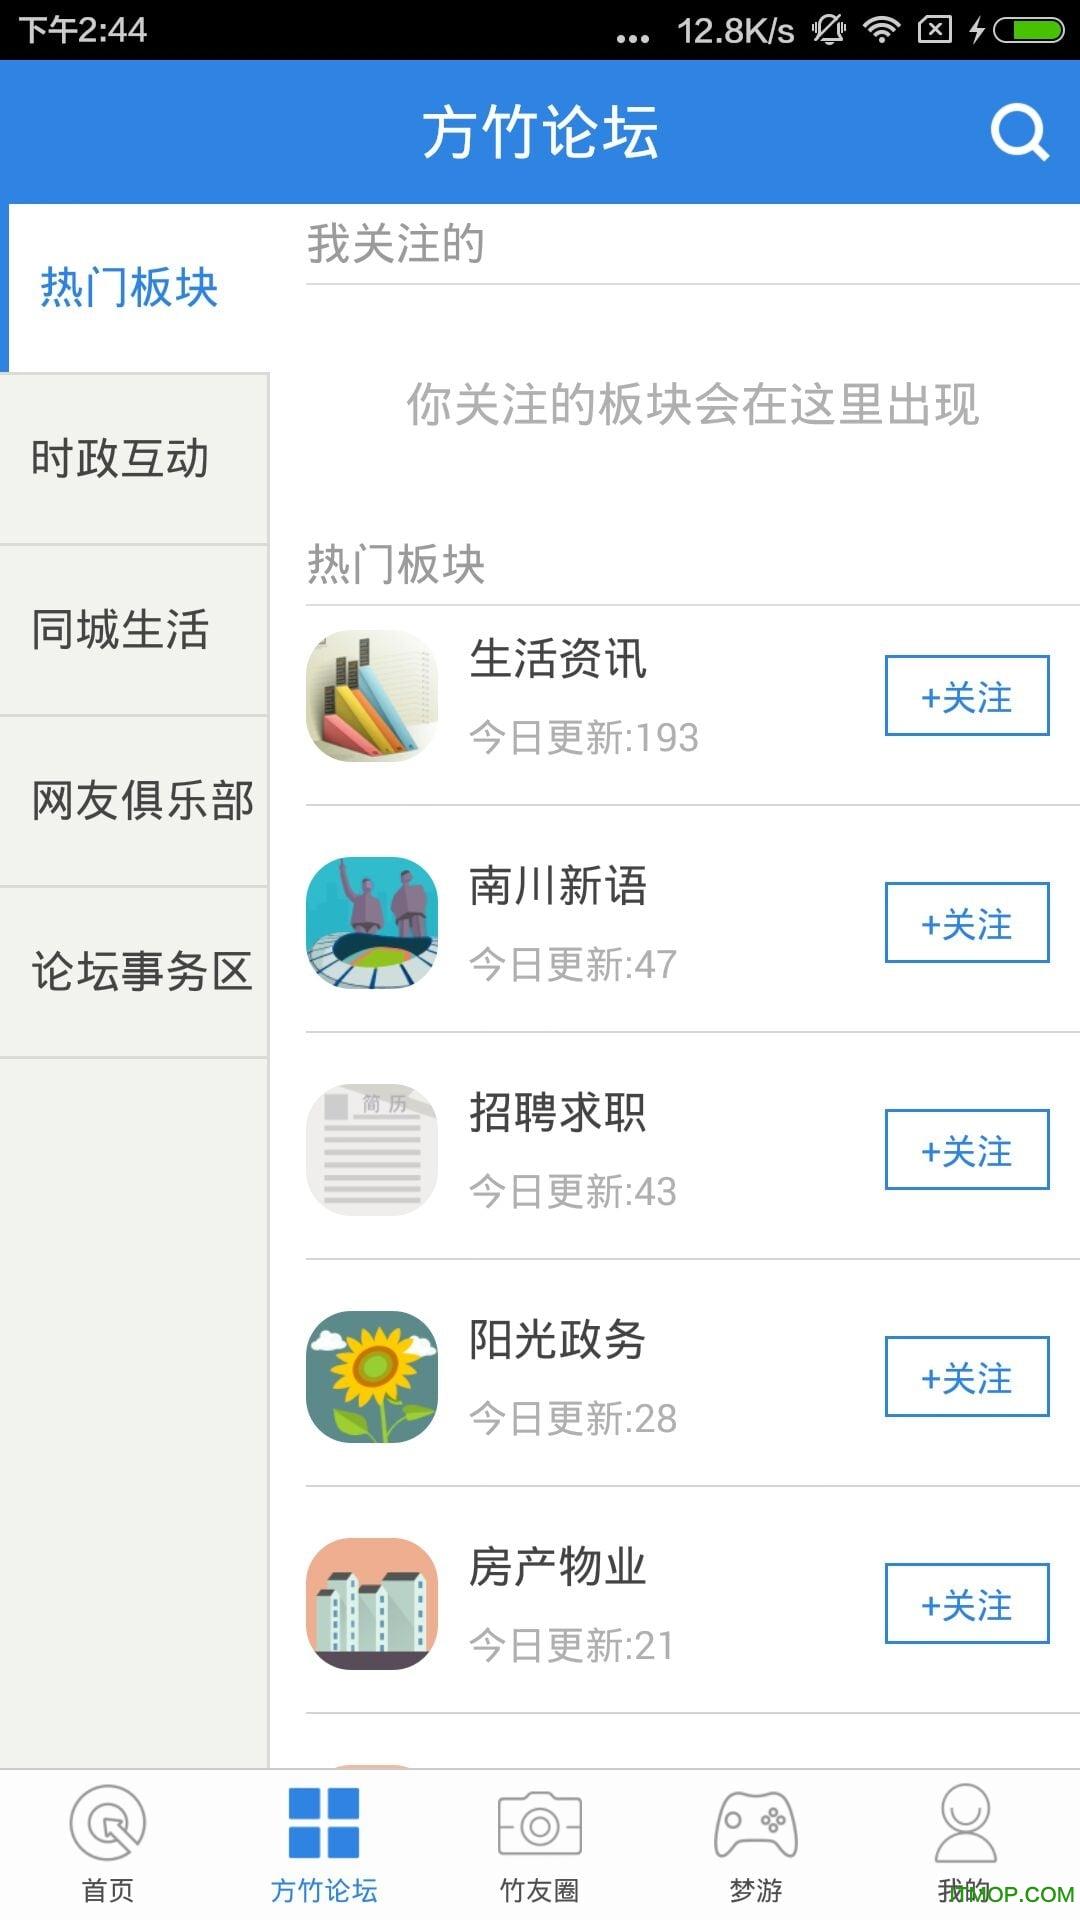 南川方竹论坛app v3.0.0 官方安卓版2